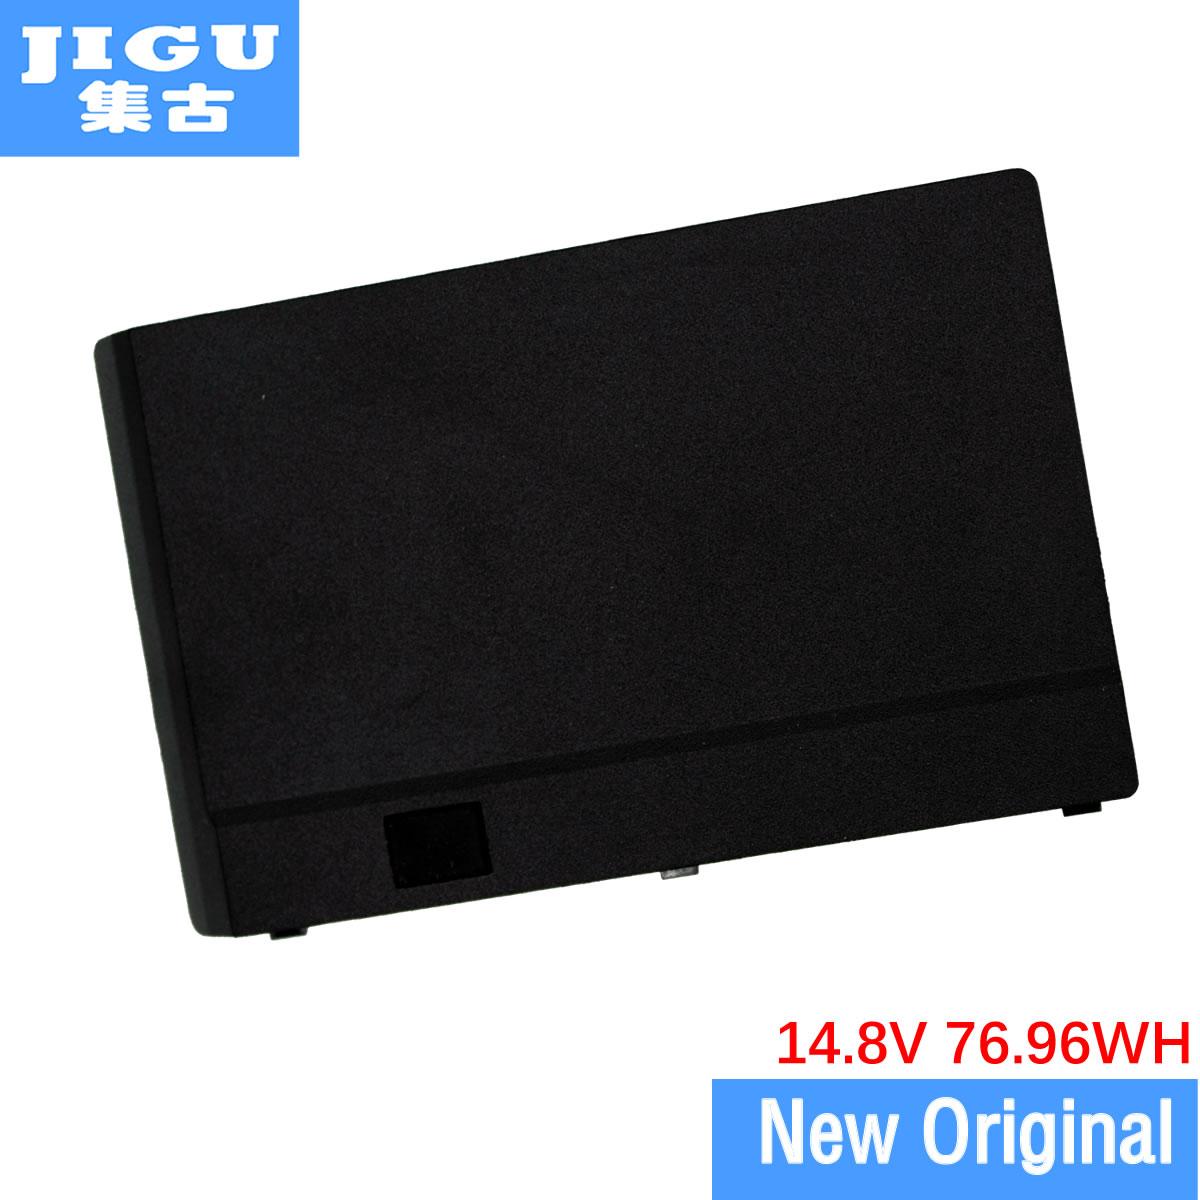 JIGU laptop battery W370BAT-3 W370BAT-8 FOR CLEVO K660E W350ETQ W350STQ W370ST XMG A503 A504 P2742 P2742G FOR Sager 7358